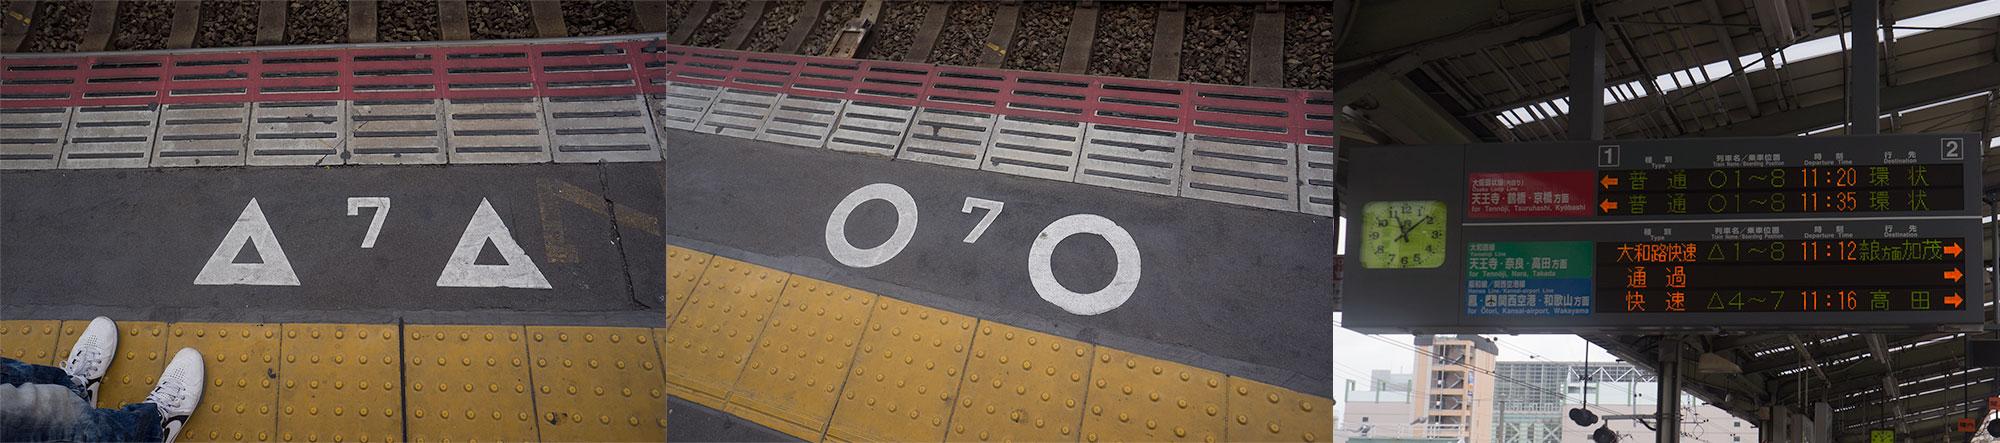 열차가 많이 들어오기 때문에 타는 곳이 다르다